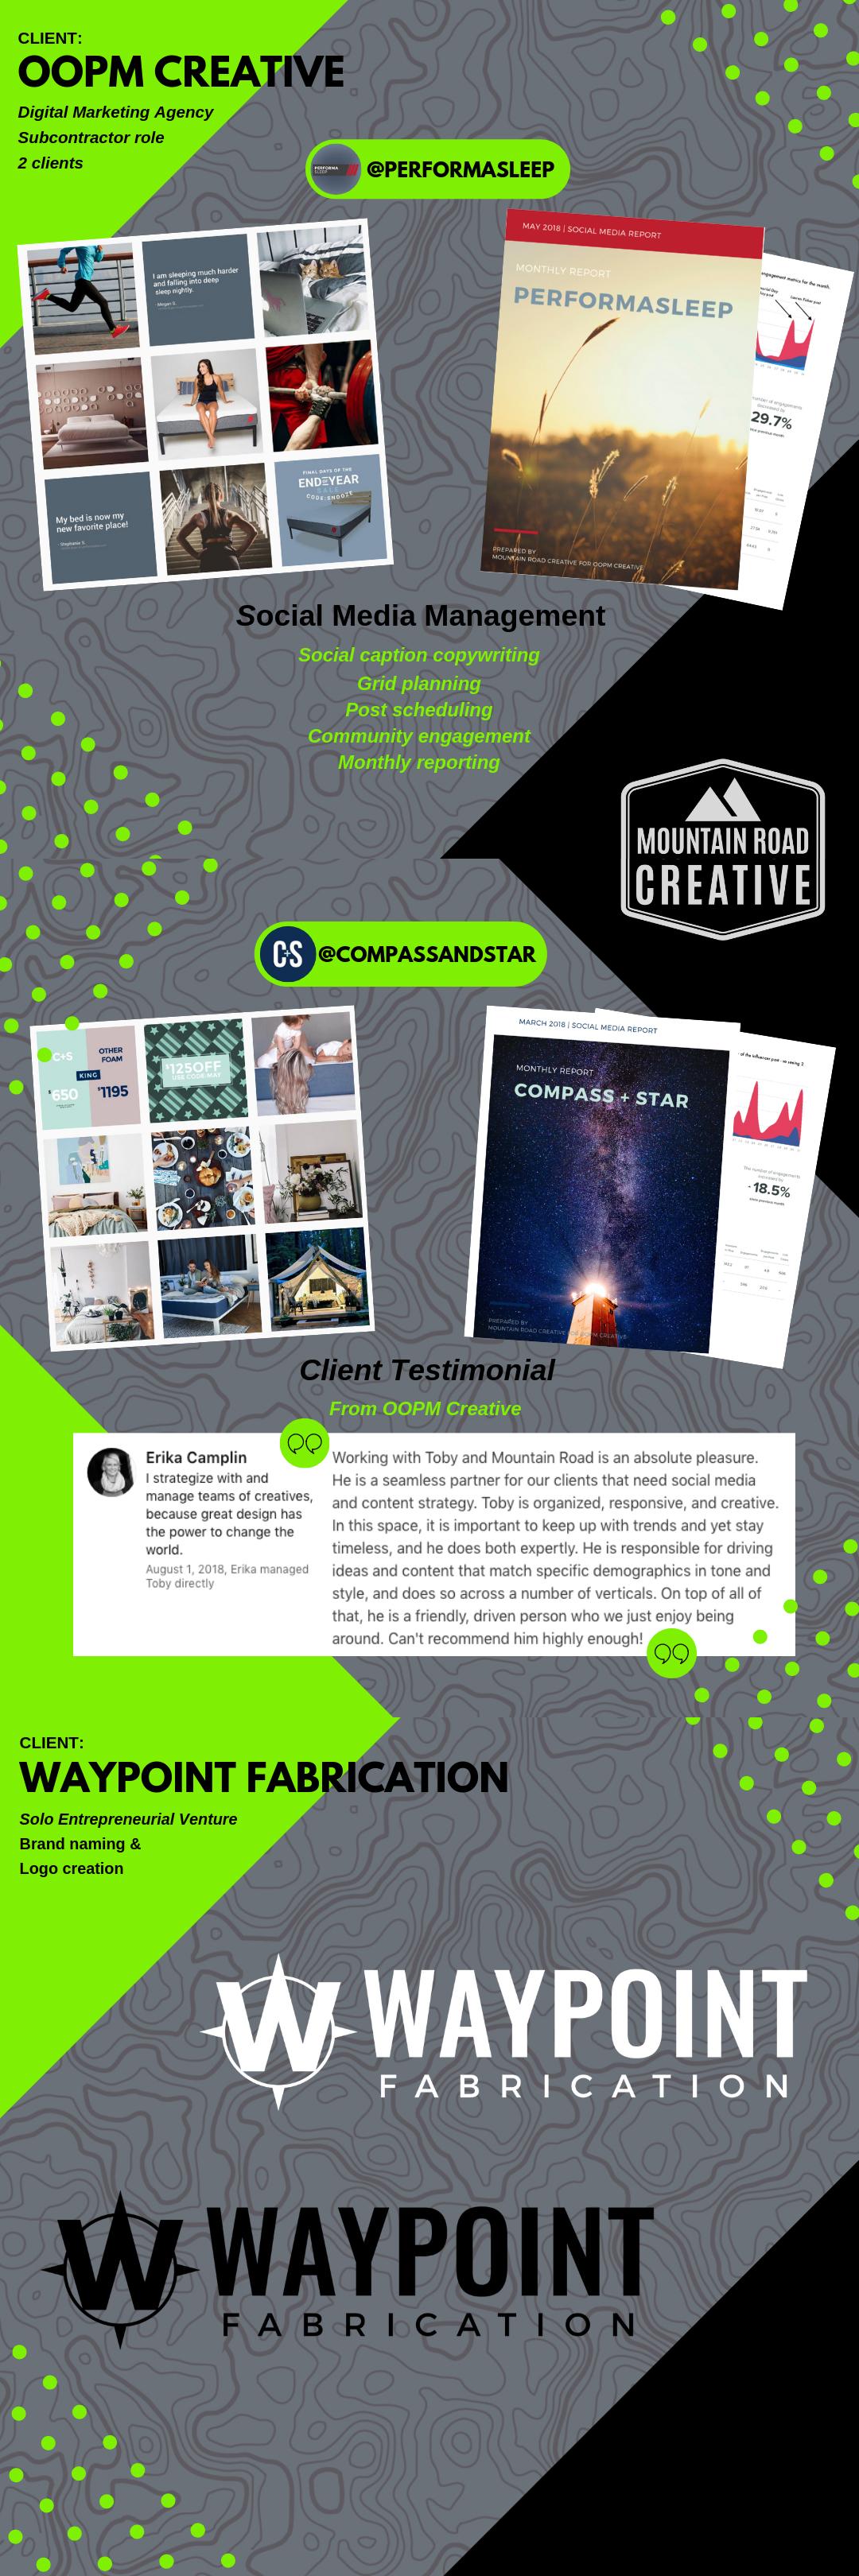 OOPM_Creative_Social_Media_Performasleep